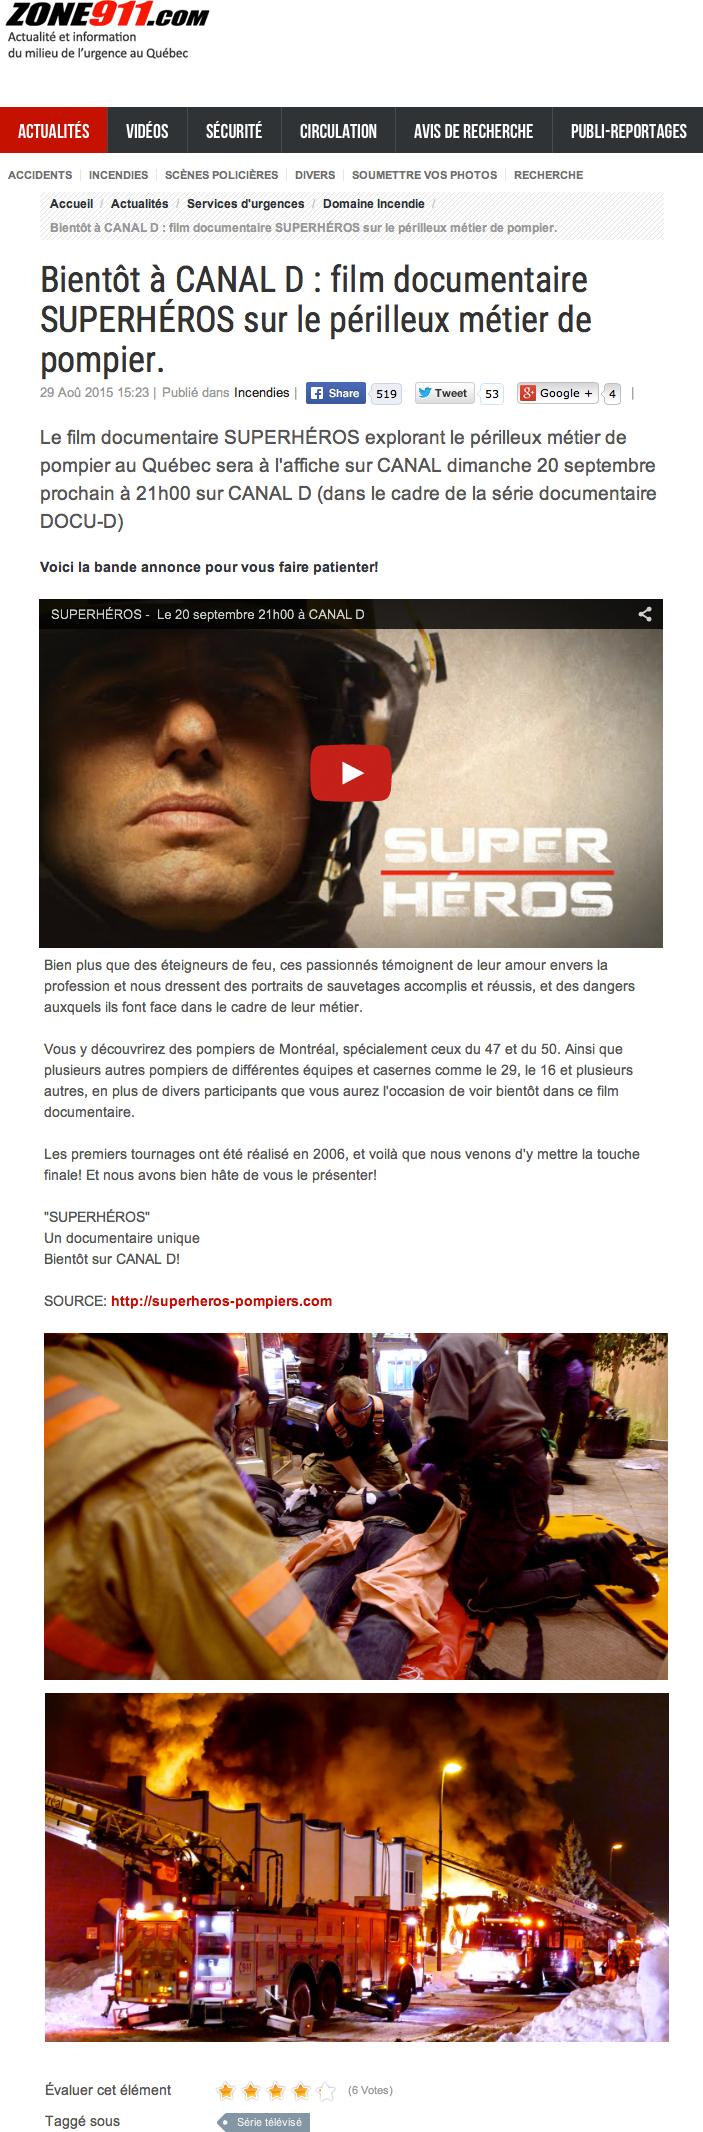 zone 911 - Superhéros, documentaire sur le périlleux métier de pompier (une réalisation de Nathalie Ducharme)